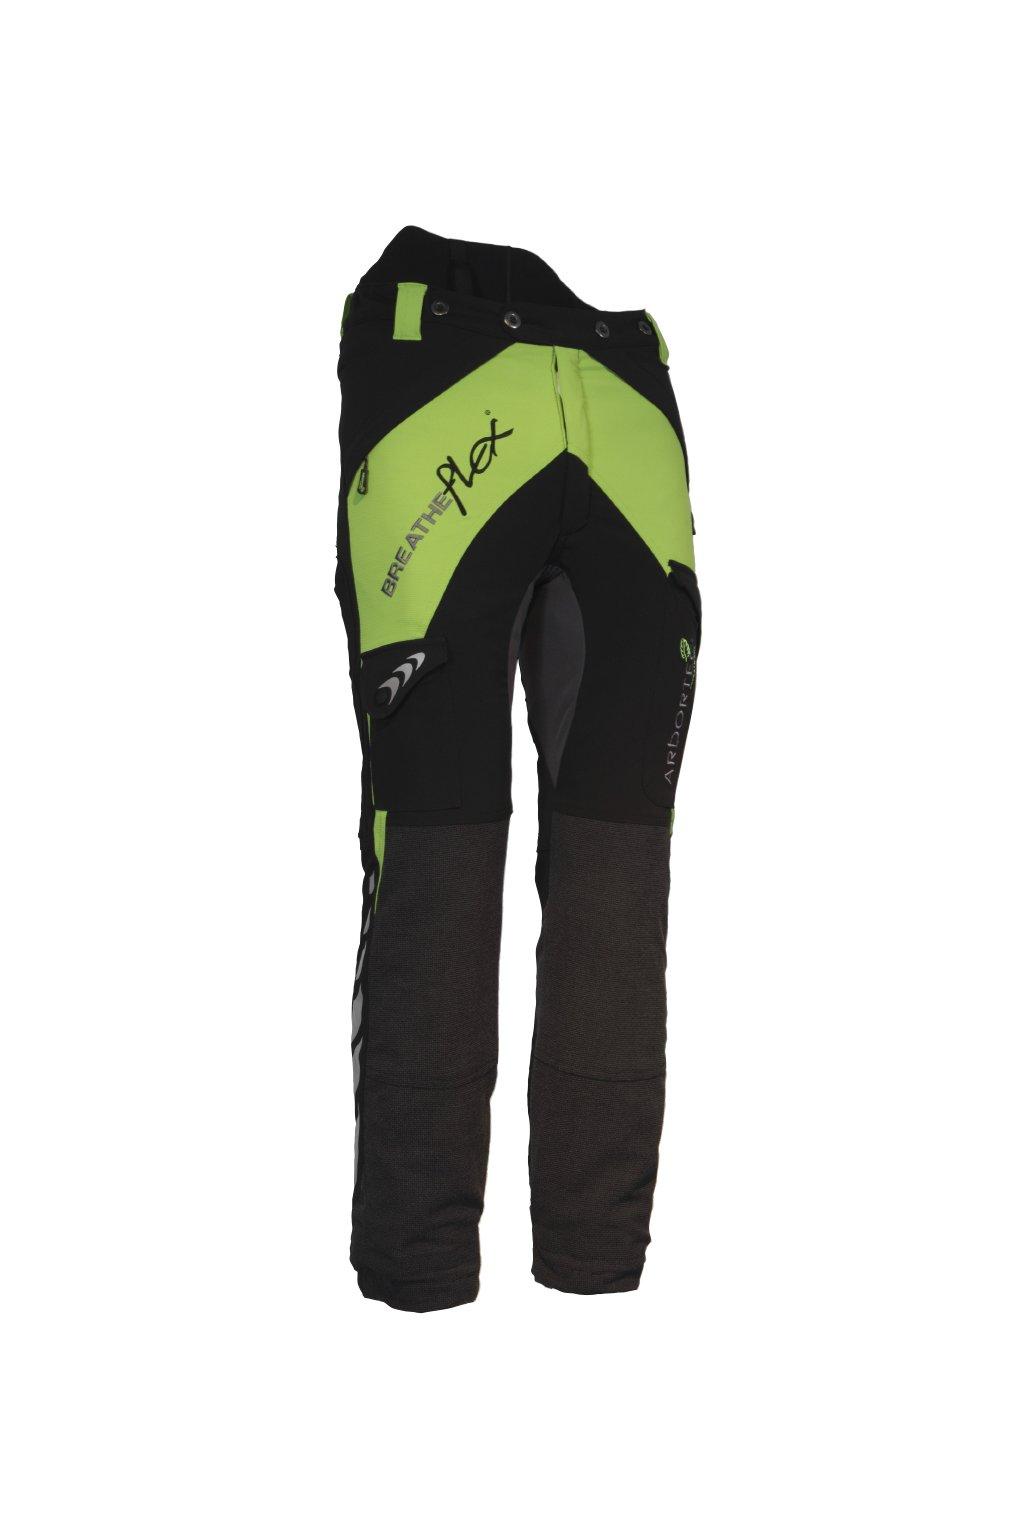 Protipořezové kalhoty Breatheflex zelené Class2/TypeC/prodloužená délka